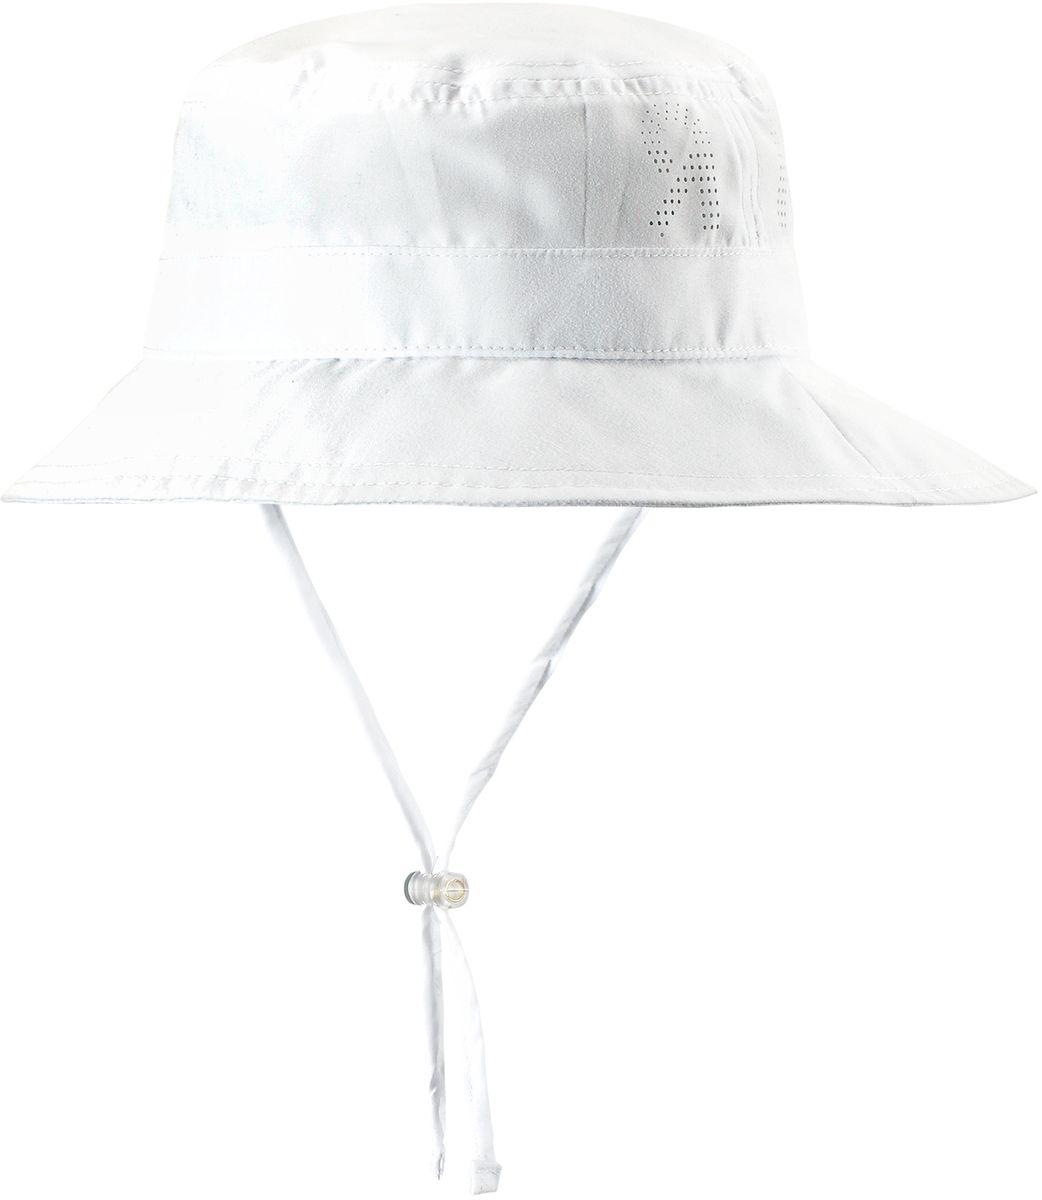 Панама детская Reima Tropical, цвет: белый. 5285310100. Размер 545285310100Защитная панама для малышей и детей постарше с фактором УФ-защиты 50+. Козырек панамы защищает лицо и глаза от вредного ультрафиолета. Изготовлена из дышащего и легкого материала SunProof. Облегченная модель без подкладки, а чтобы ветер не унес эту новую очаровательную панаму, просто завяжите завязки!